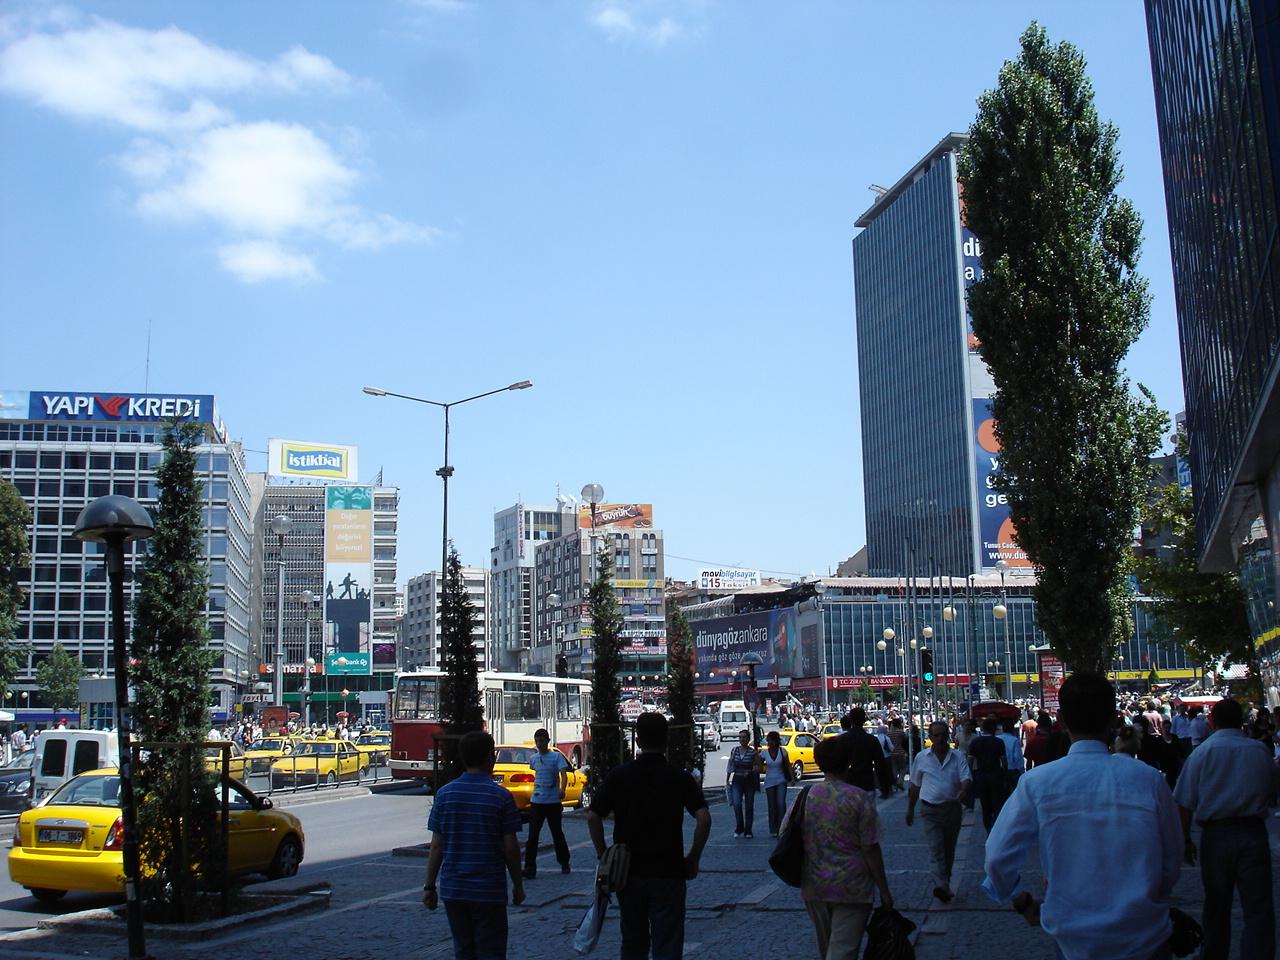 File:Ankara Kizilay square.JPG - Wikimedia Commons